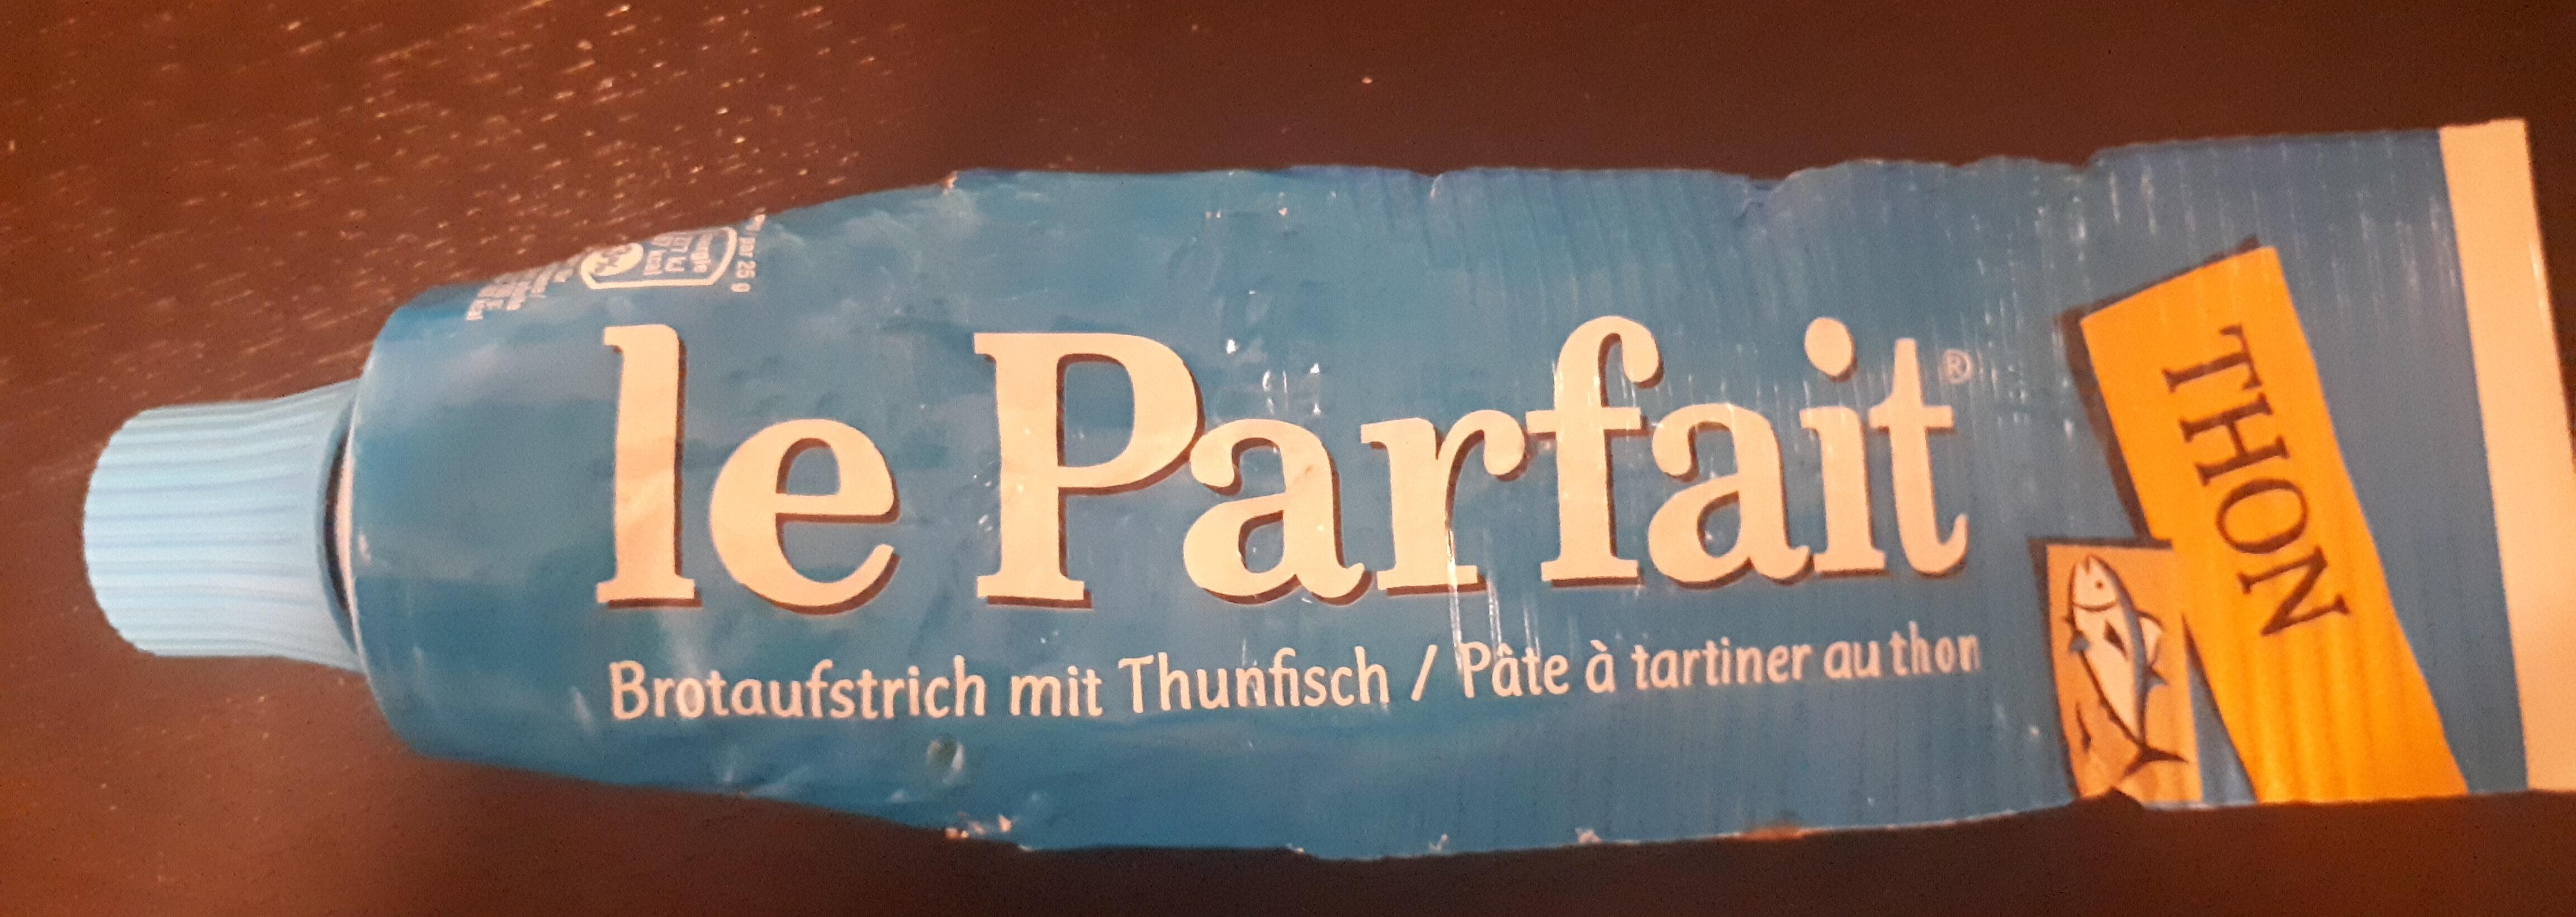 Le Parfait thon - Produit - fr